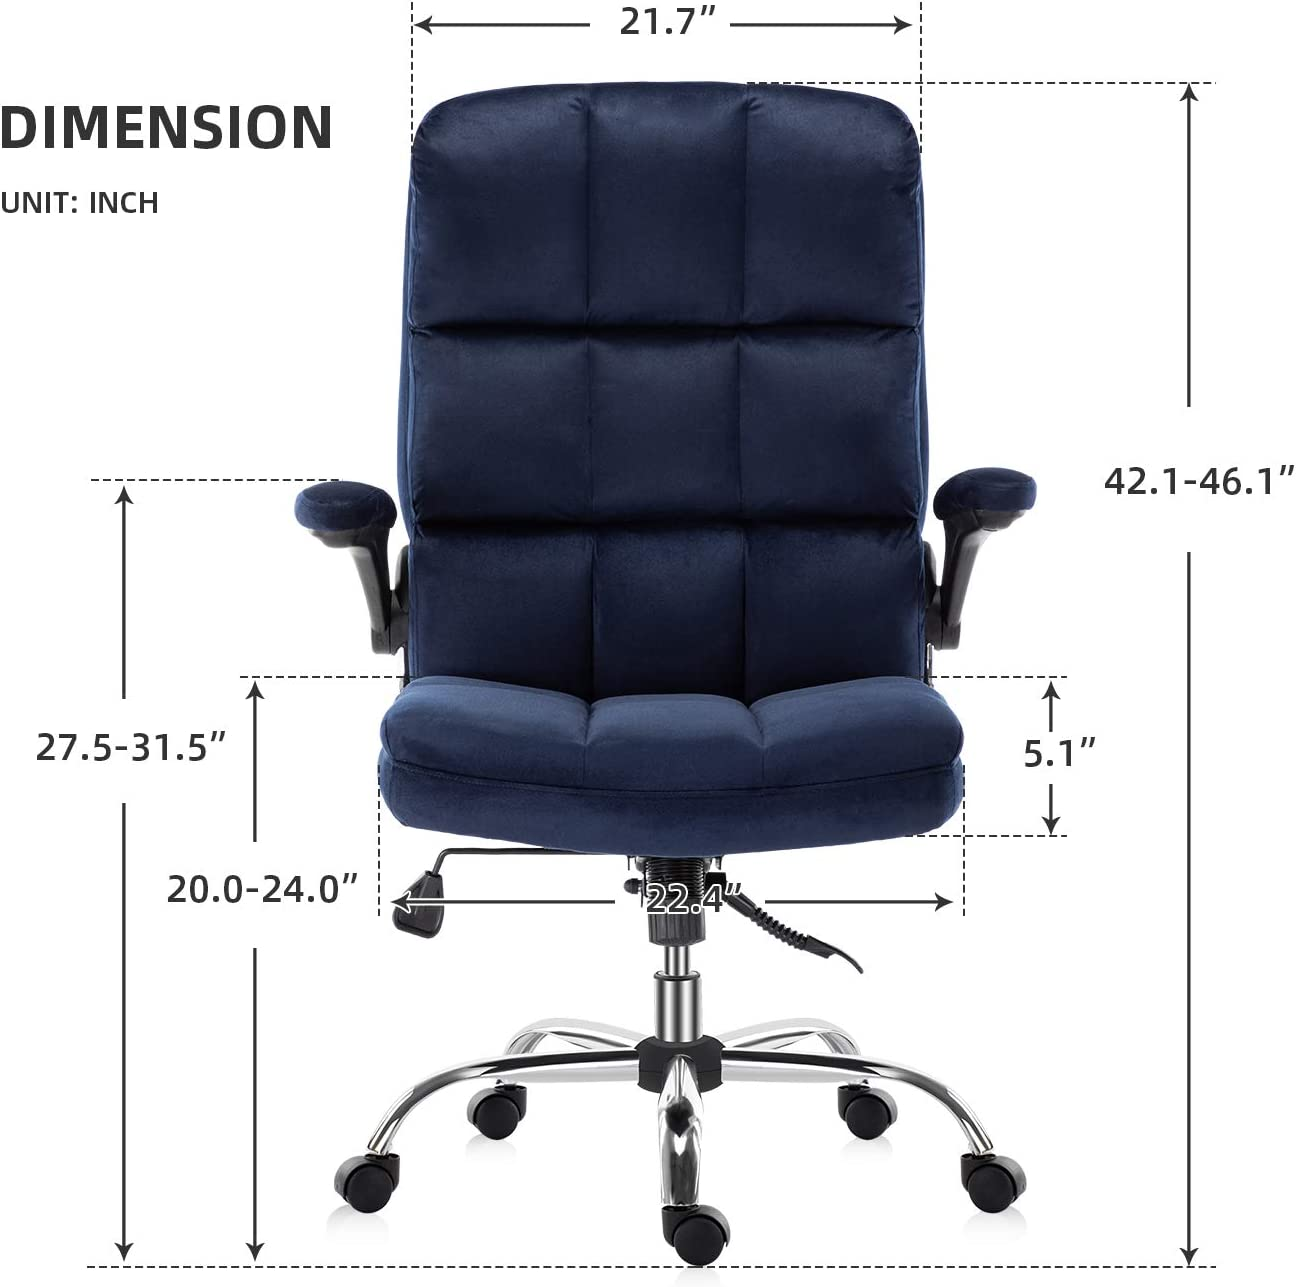 chaises dordinateur avec rembourrage /épais pour plus de confort et de design ergonomique pour le soutien lombaire YAMASORO Chaise de bureau avec accoudoirs rabattables pour la maison